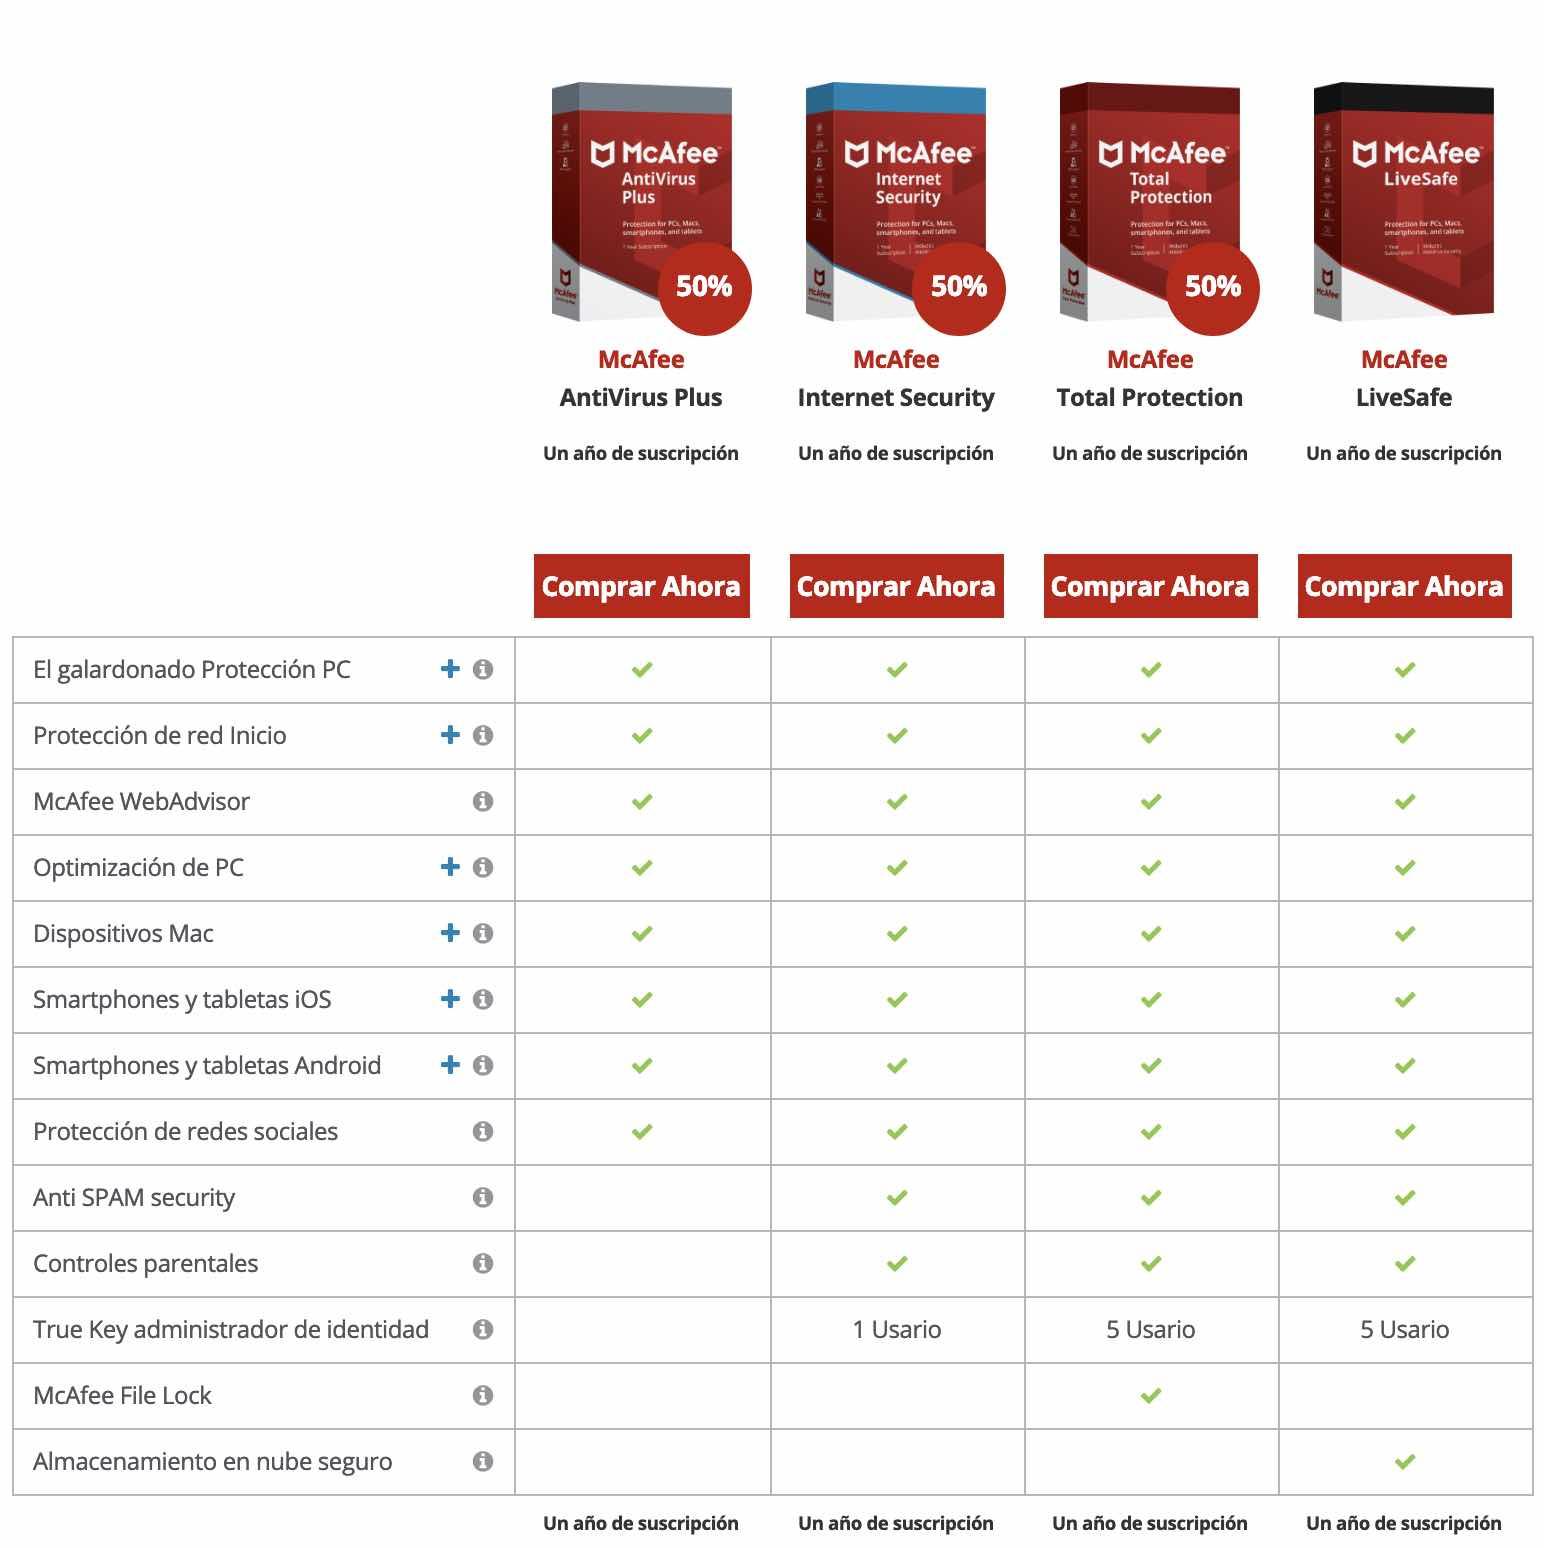 Mejor antivirus calidad - precio